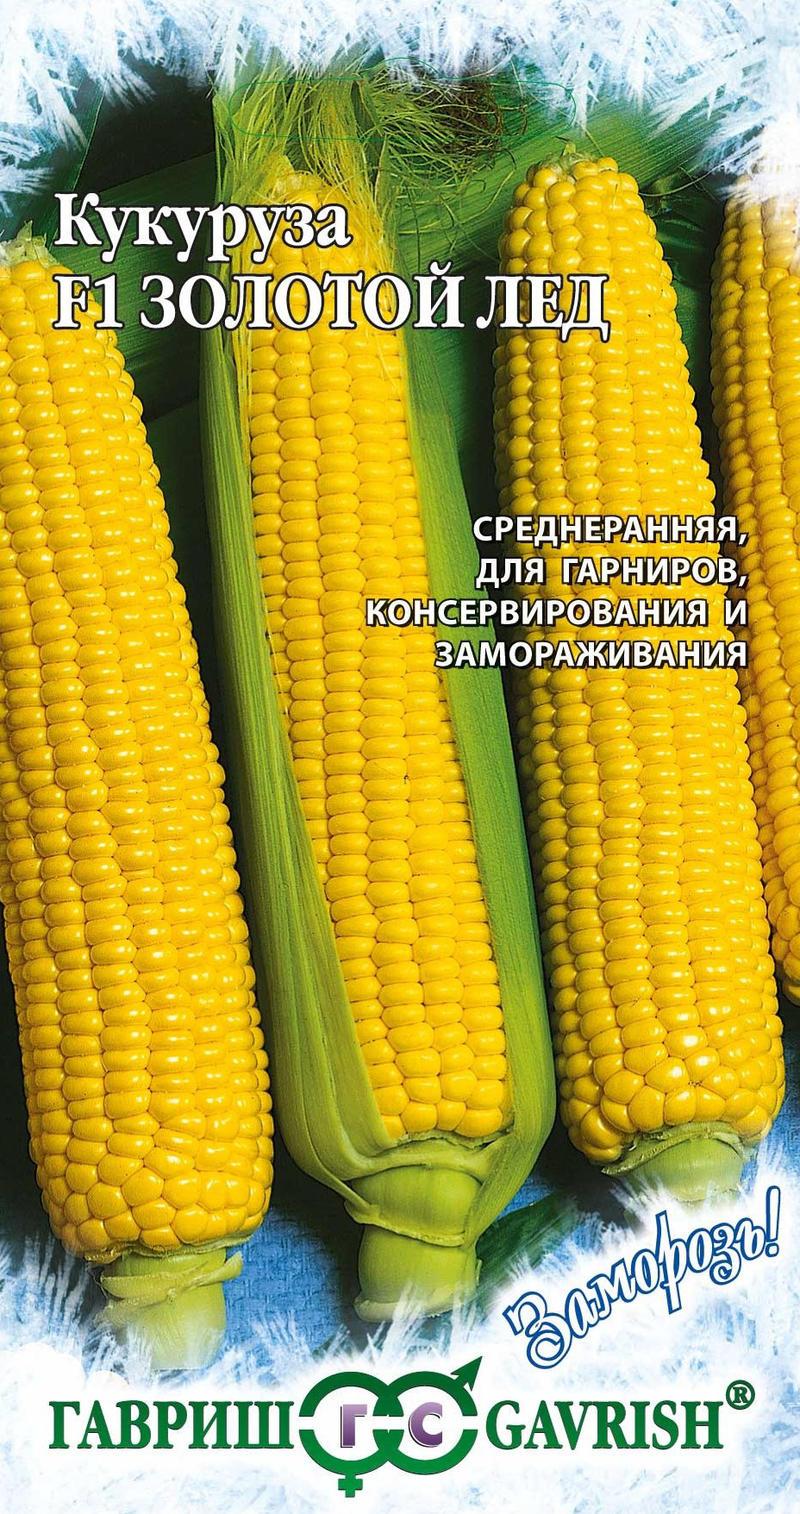 Семена Кукуруза сахарная Золотой лед F1, 5 г, Гавриш 54639 по цене 18